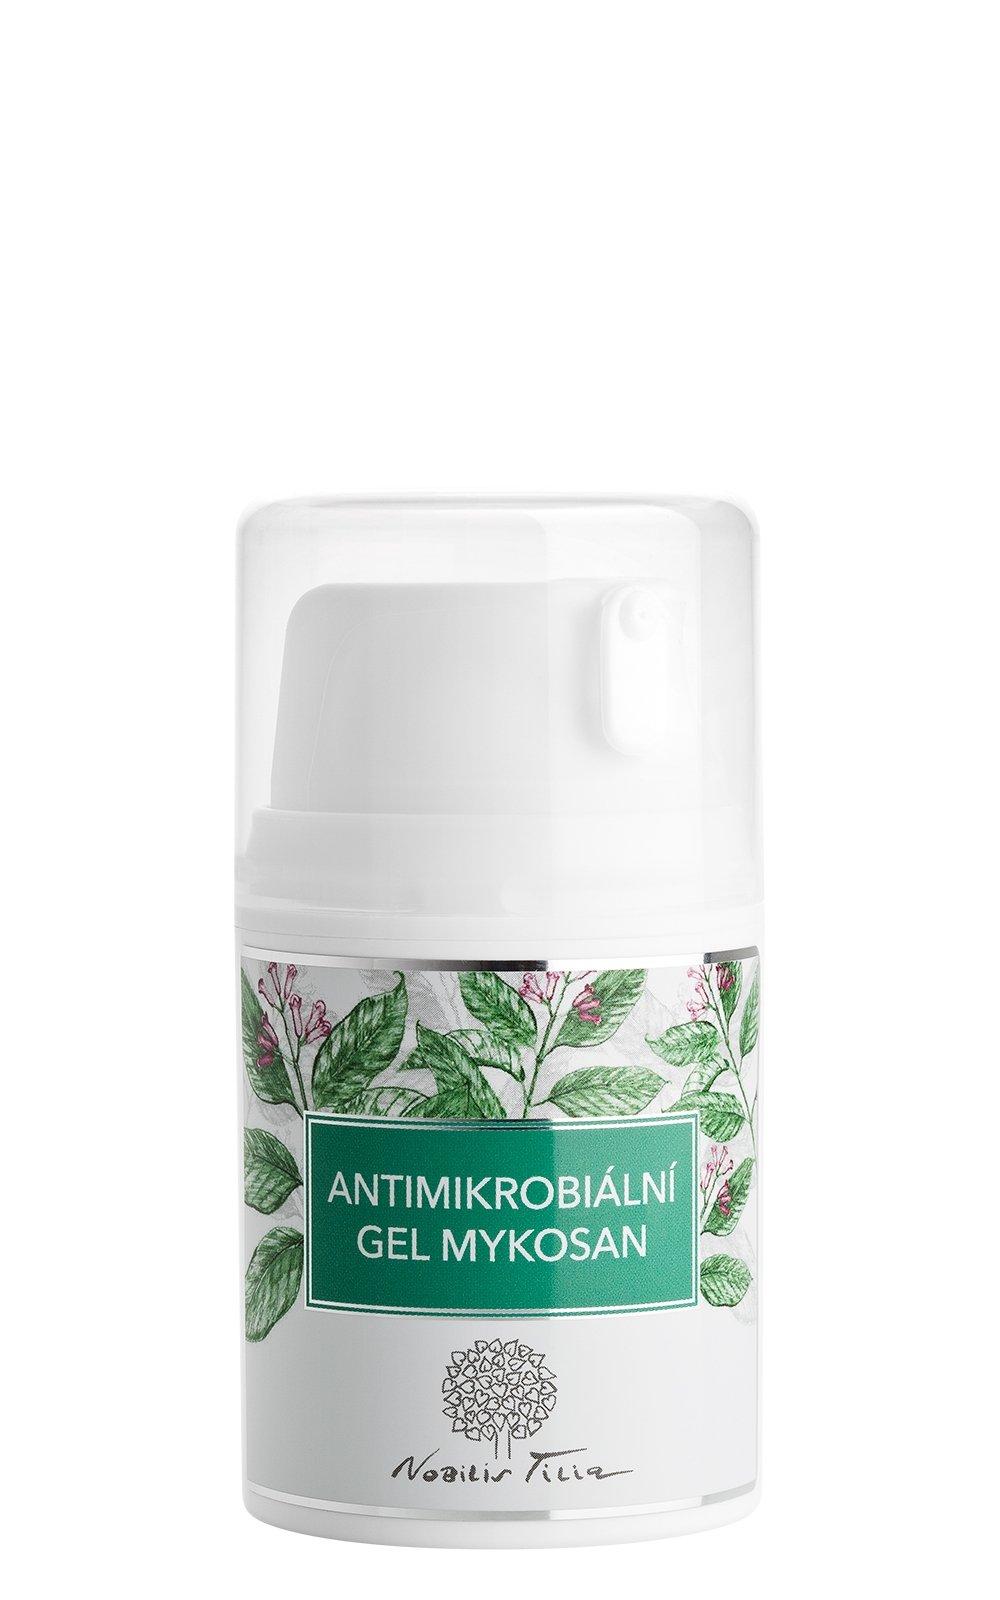 Antimikrobiální gel Mykosan